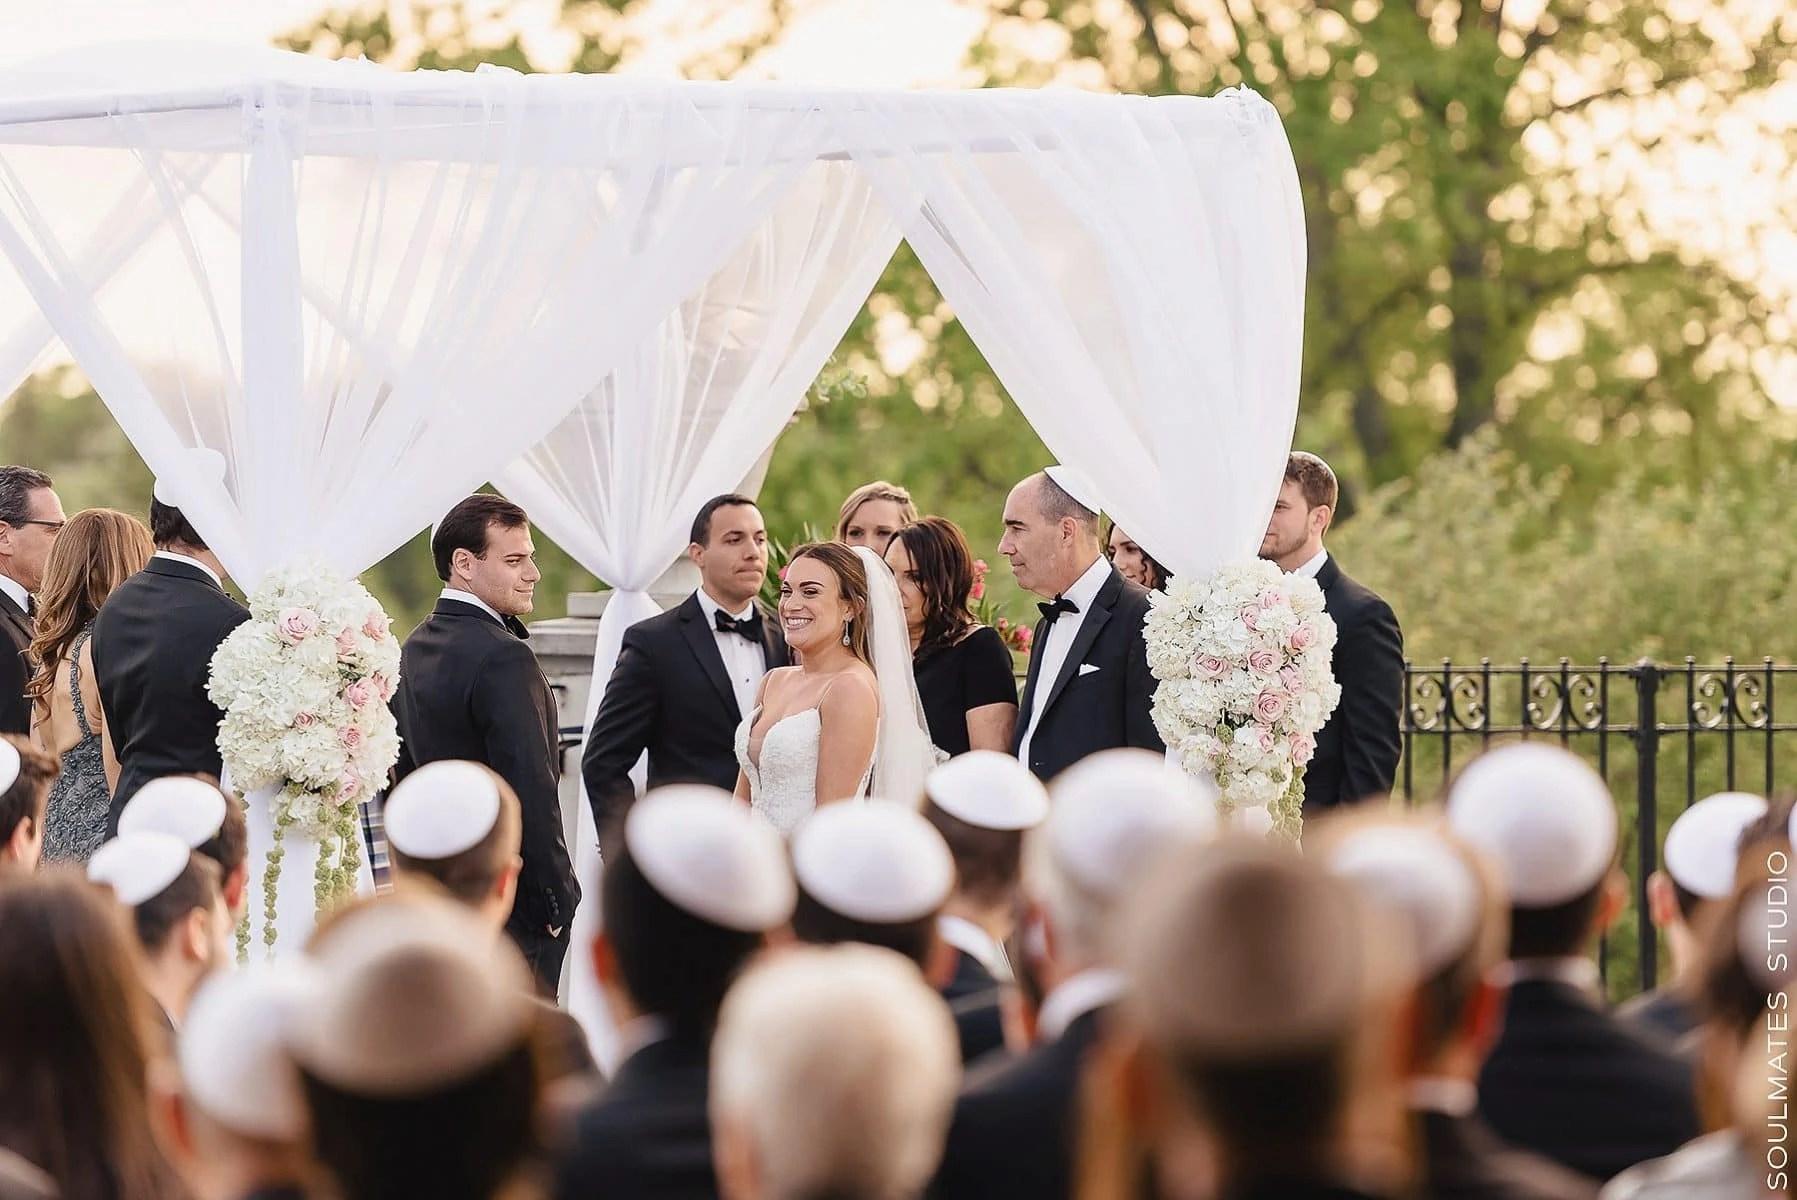 Fresh Meadow Country Club Jewish wedding ceremony